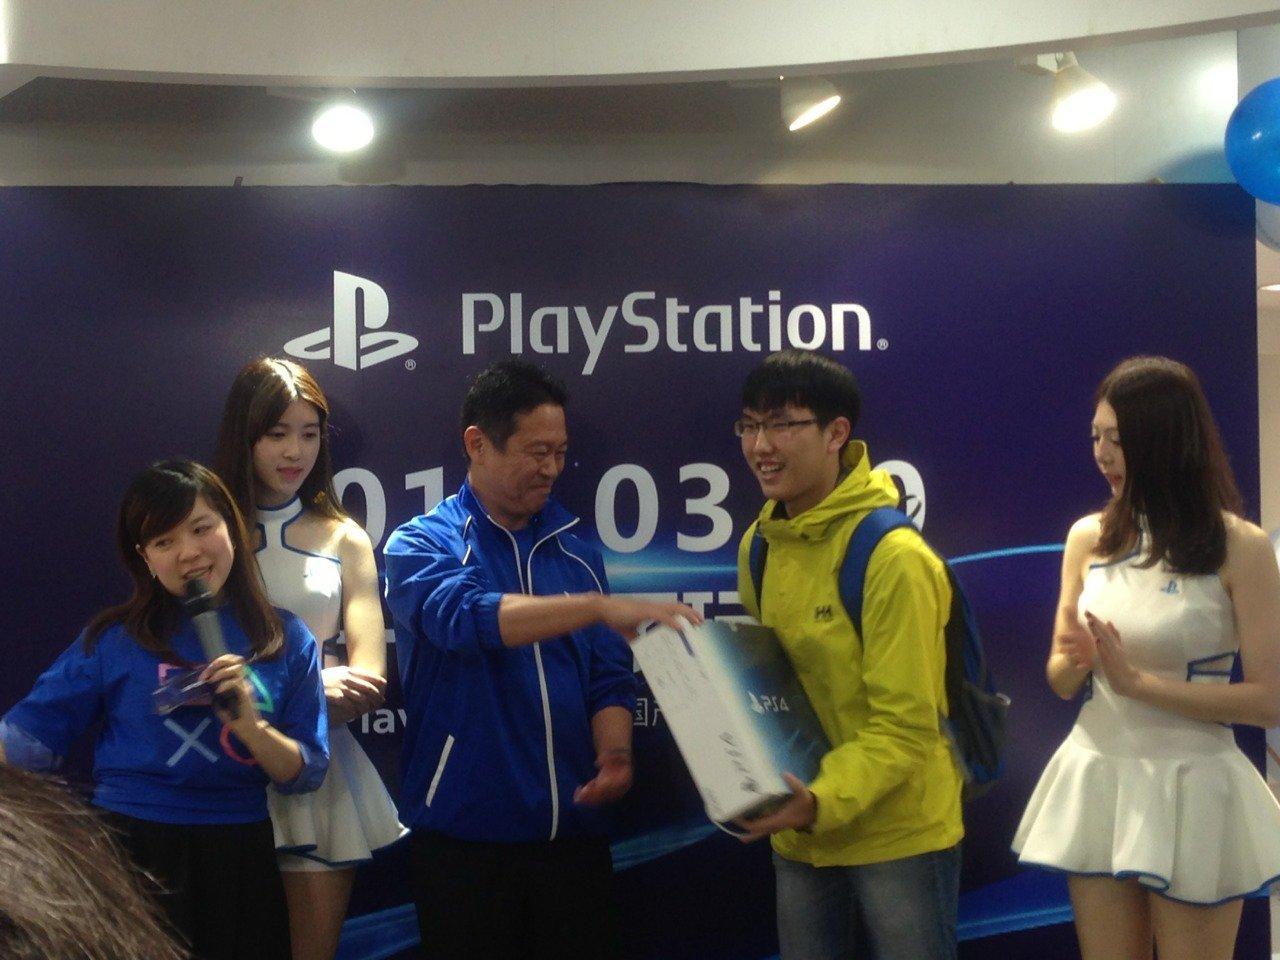 Китайцы встретили PlayStation 4 очередями !!! Долгожданный релиз в Китае ! - Изображение 5